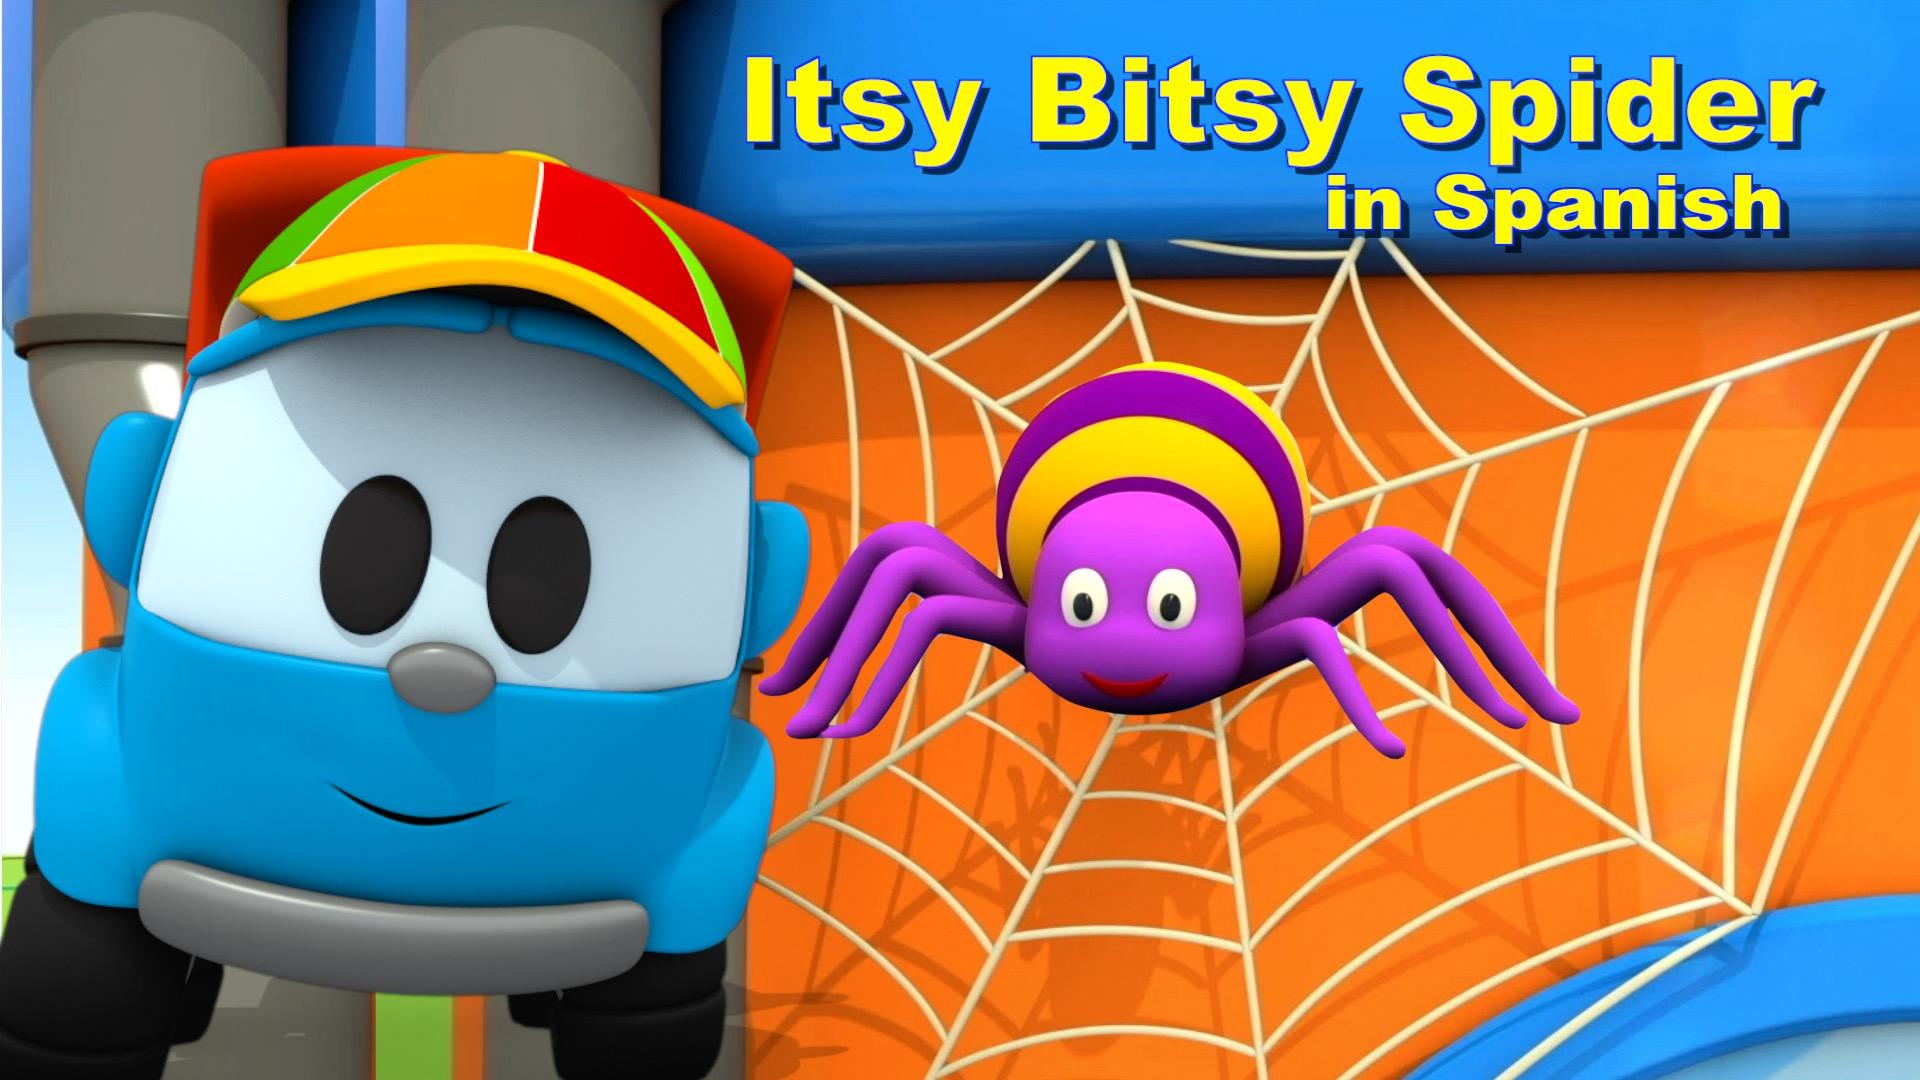 Itsy Bitsy Spider in Spanish